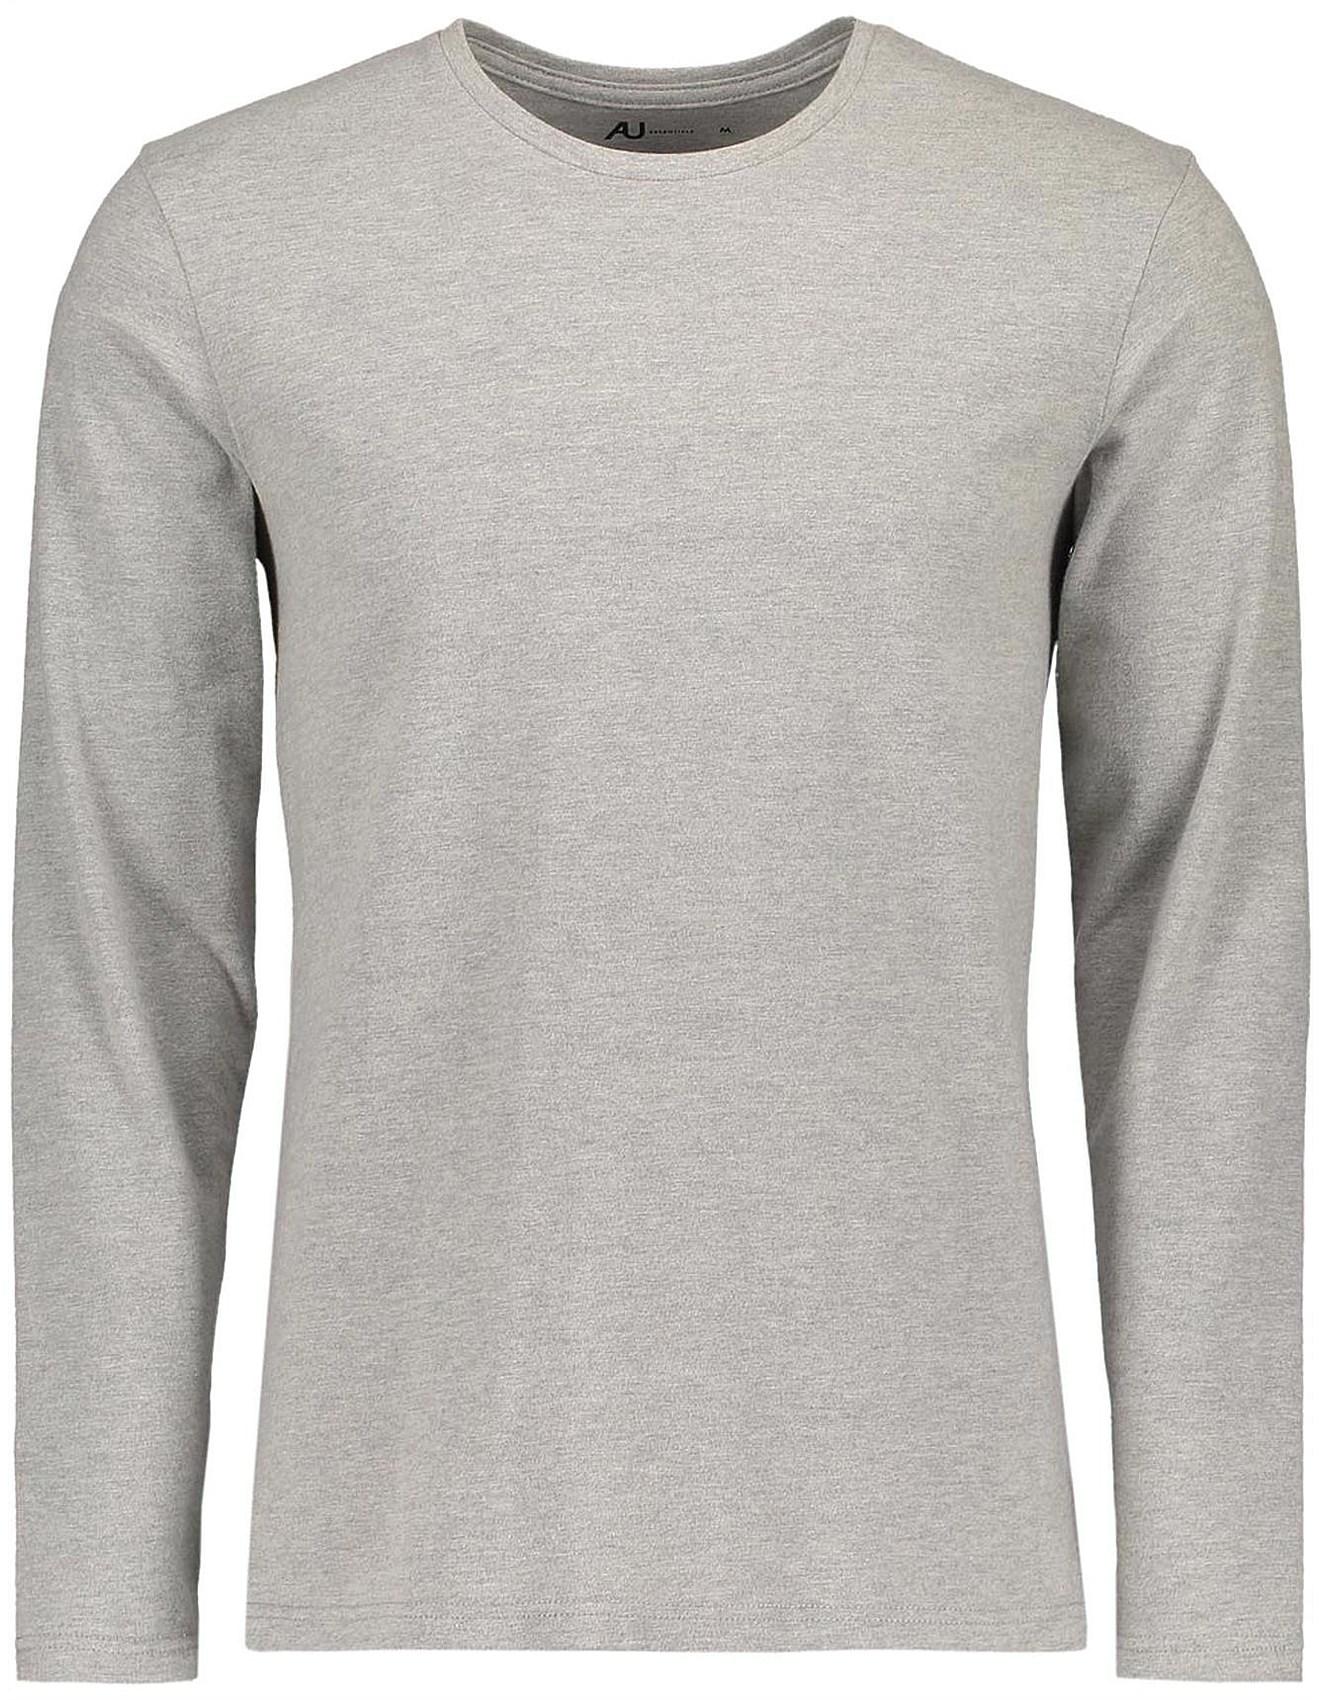 54df6e11198b5 Pyjamas & Sleepwear - Crew Neck Stretch Sleep T-Shirt